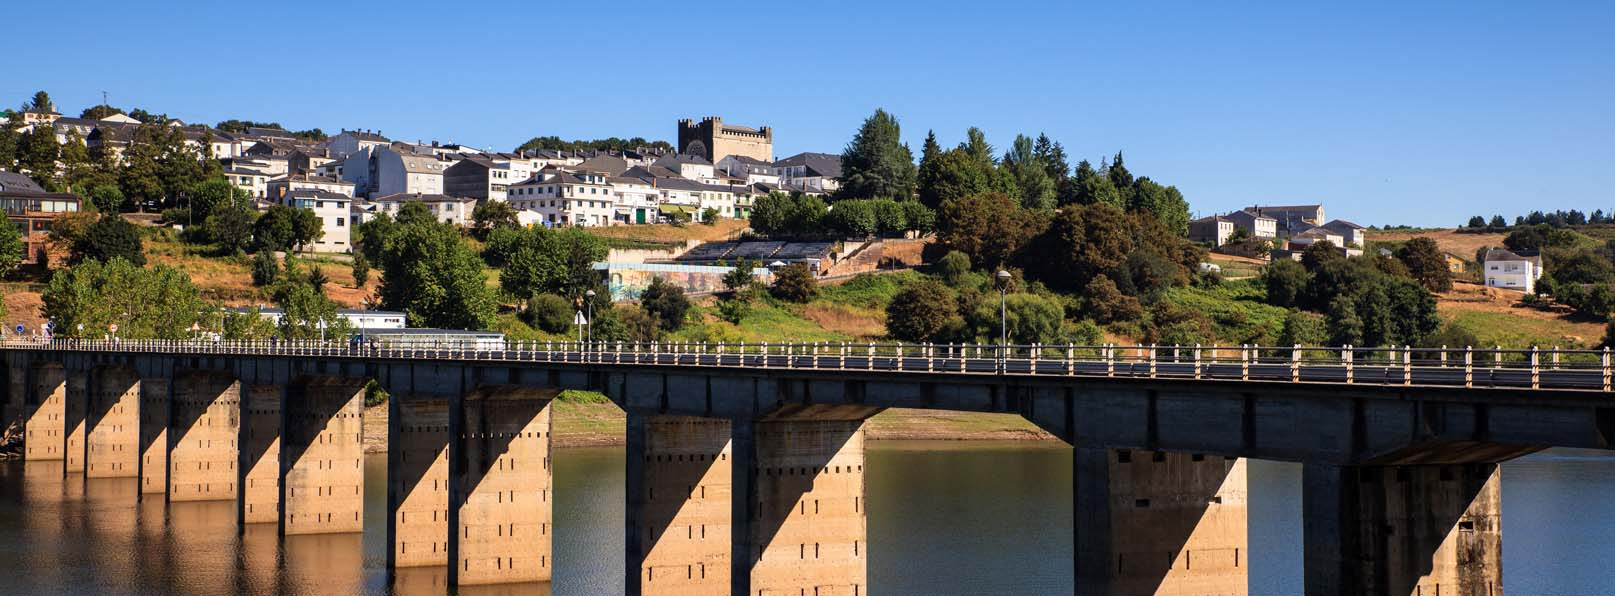 8 Day Camino de Santiago walk Spain